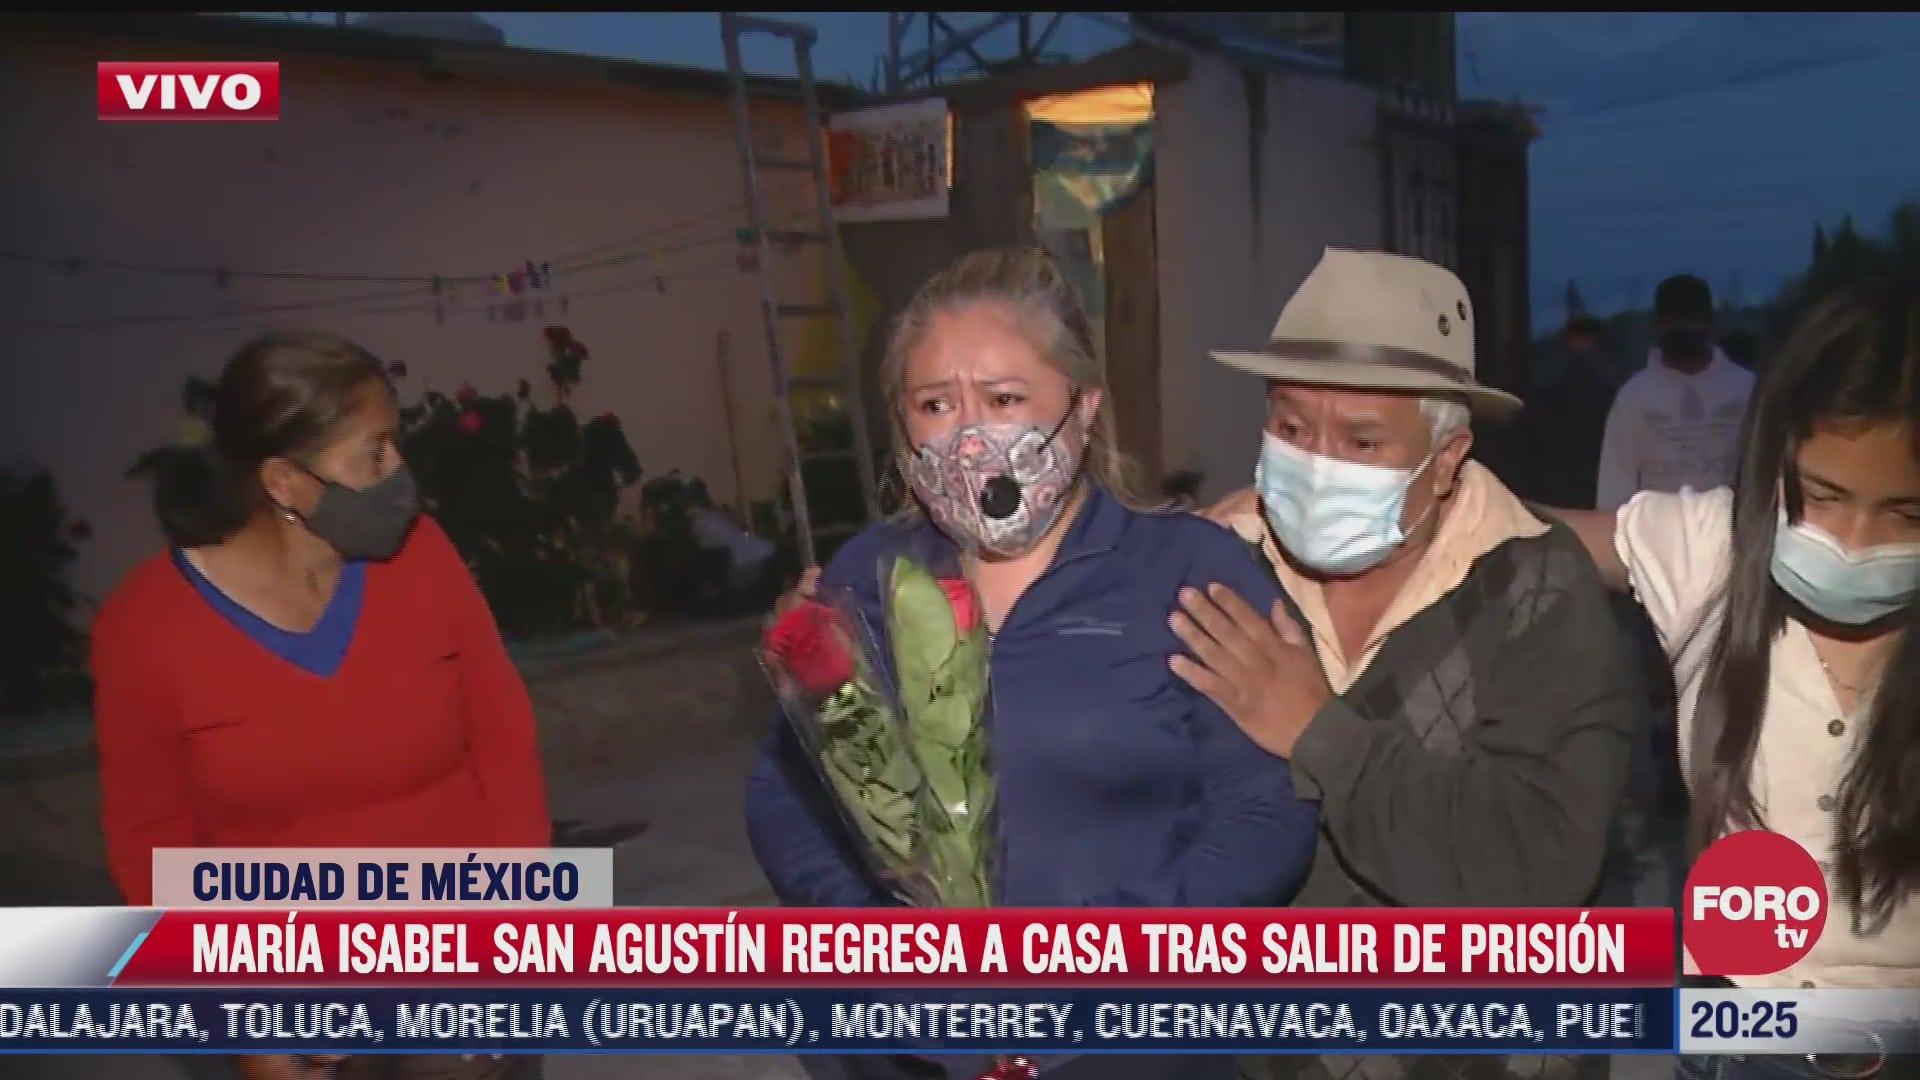 maria isabel san agustin regresa a casa luego de estar 10 anos en prision